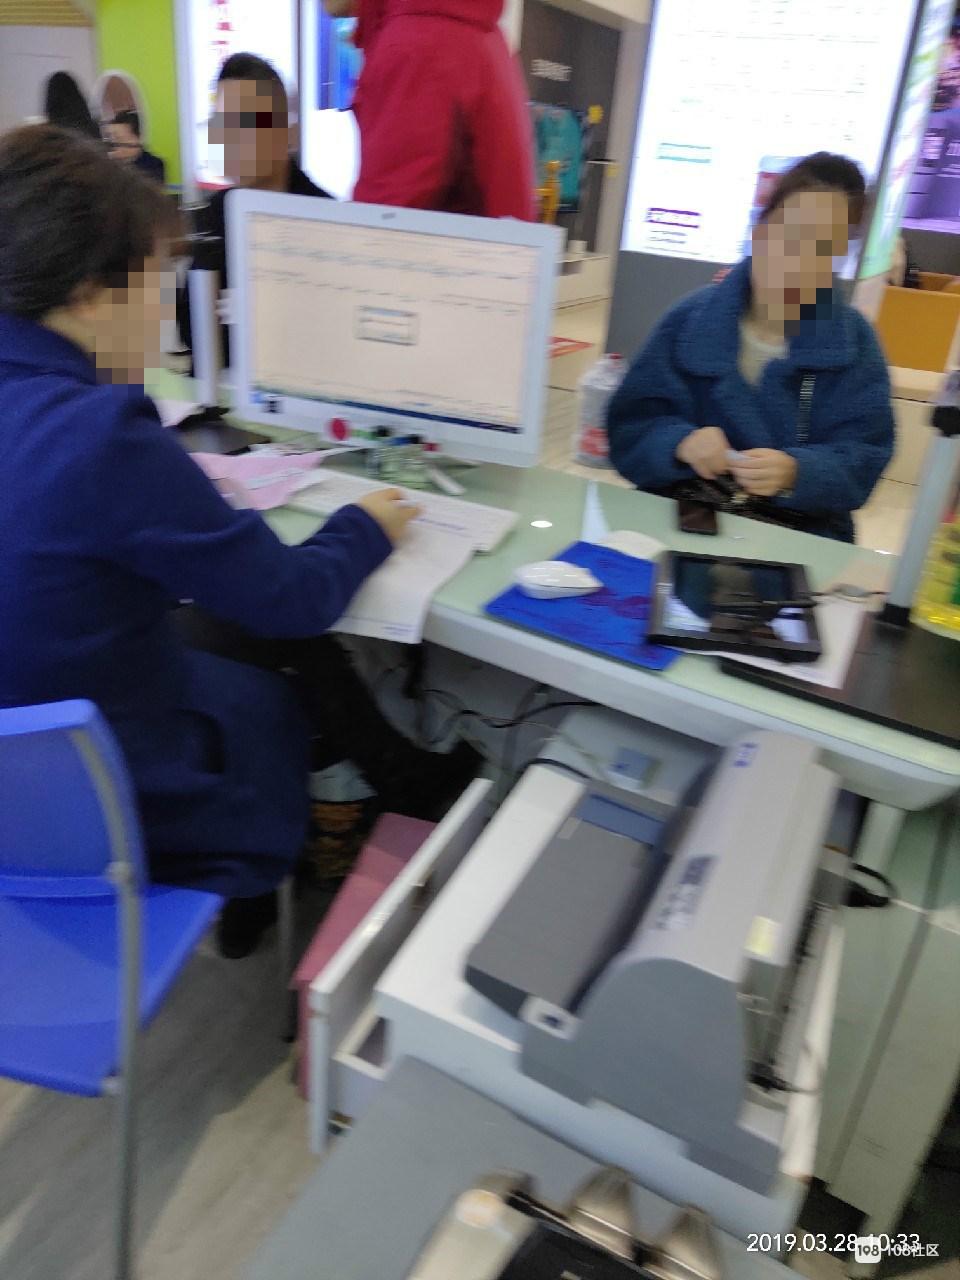 瓷都某运营商员工拉帮结派带用户转网!对象多为老人